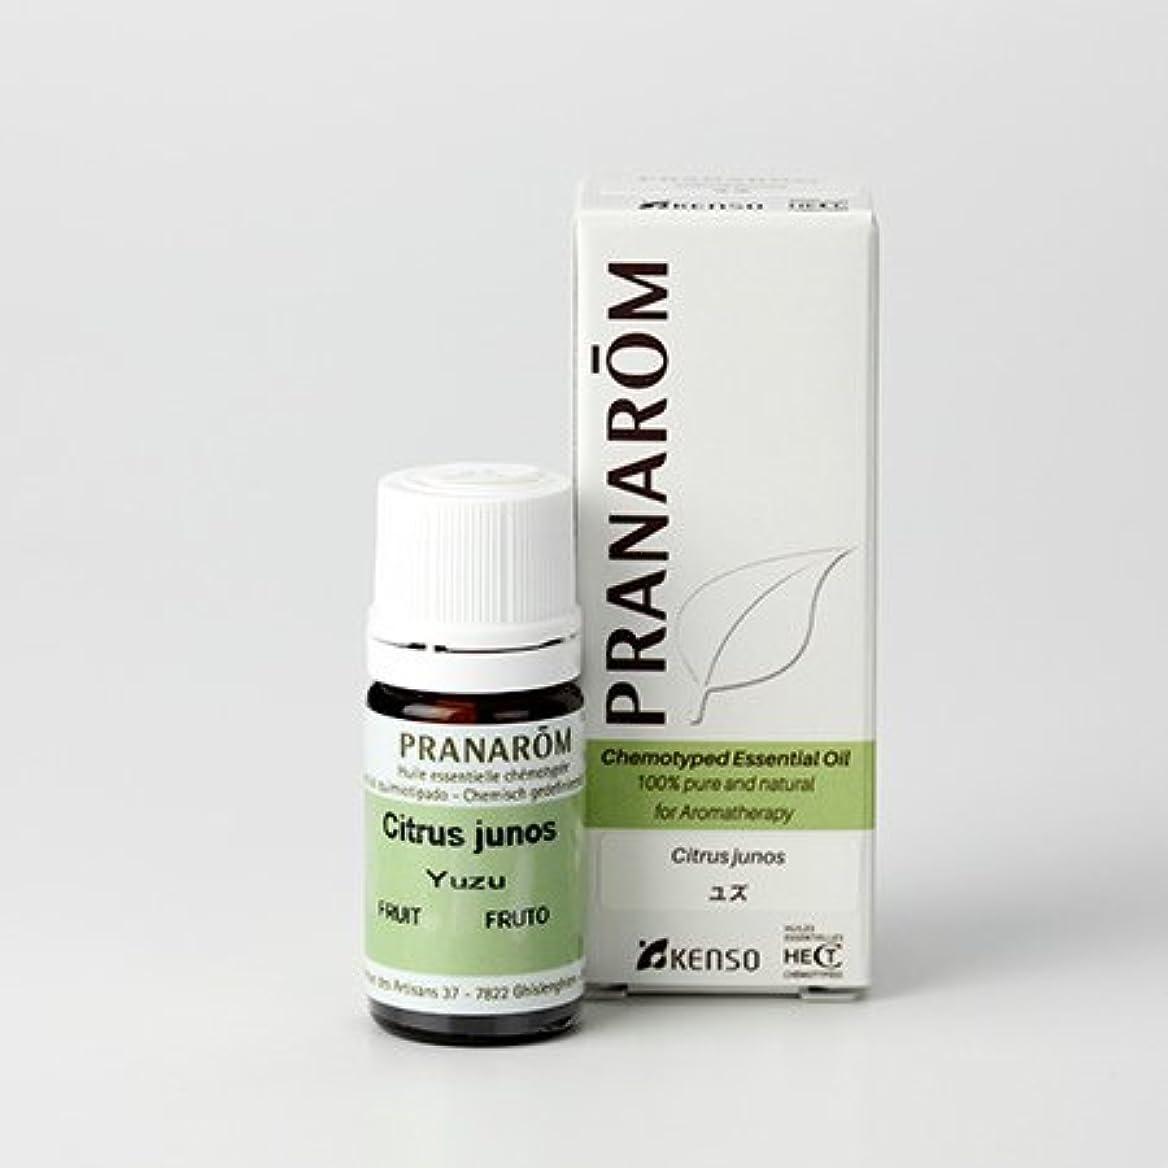 床を掃除する魅了する遮るプラナロム ユズ 5ml (PRANAROM ケモタイプ精油)